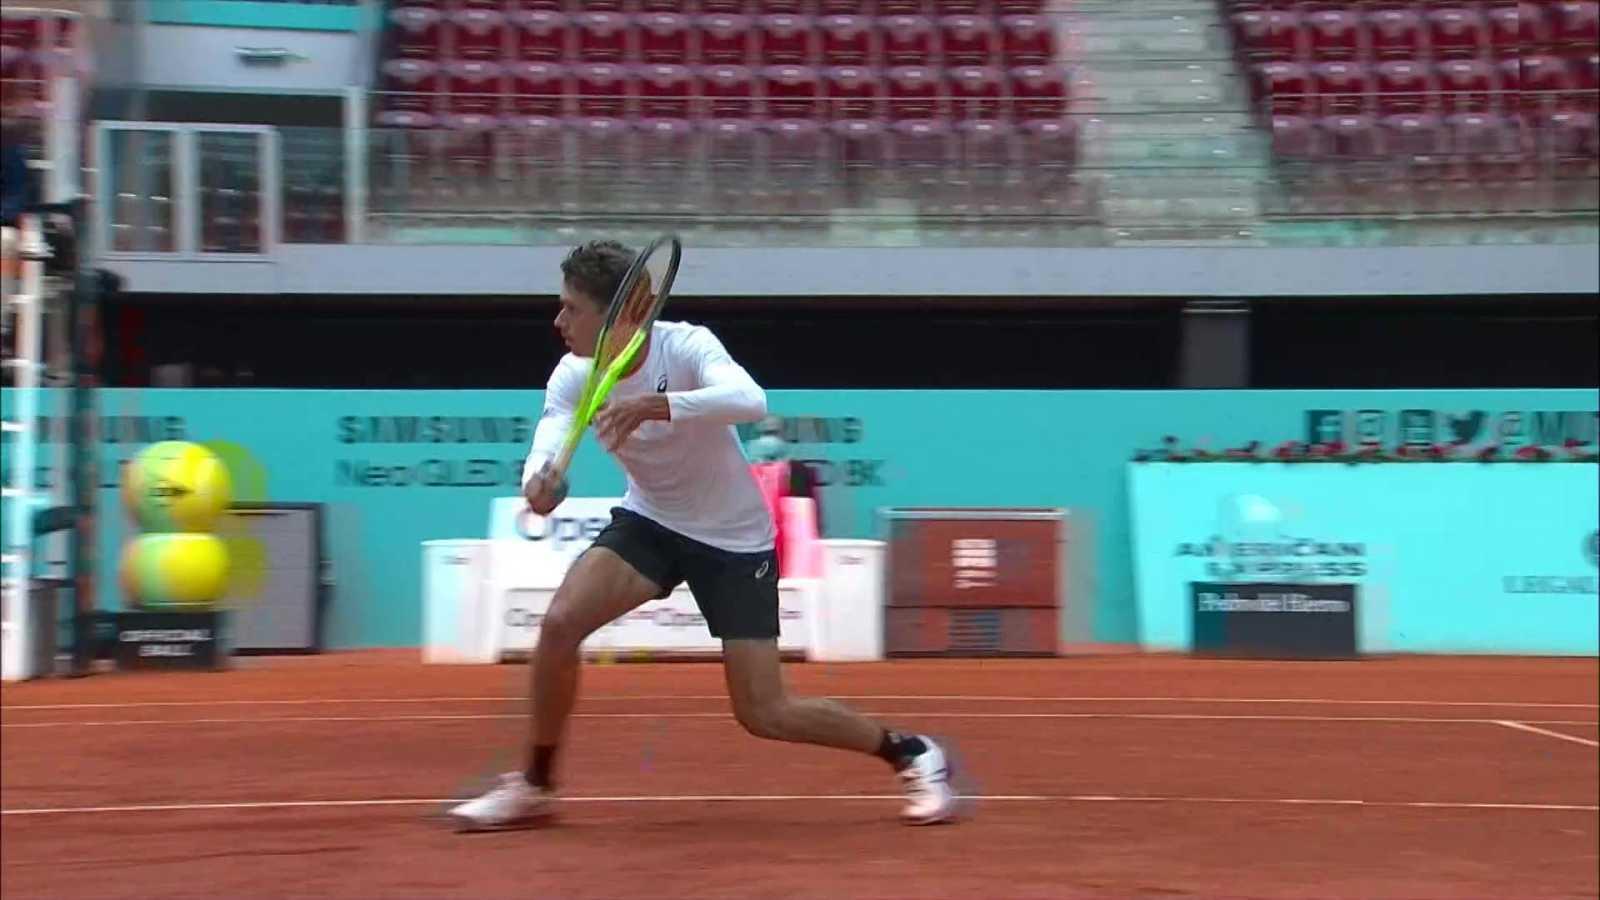 Tenis Mutua Madrid Open - Resumen diario 02/05/21 - ver ahora